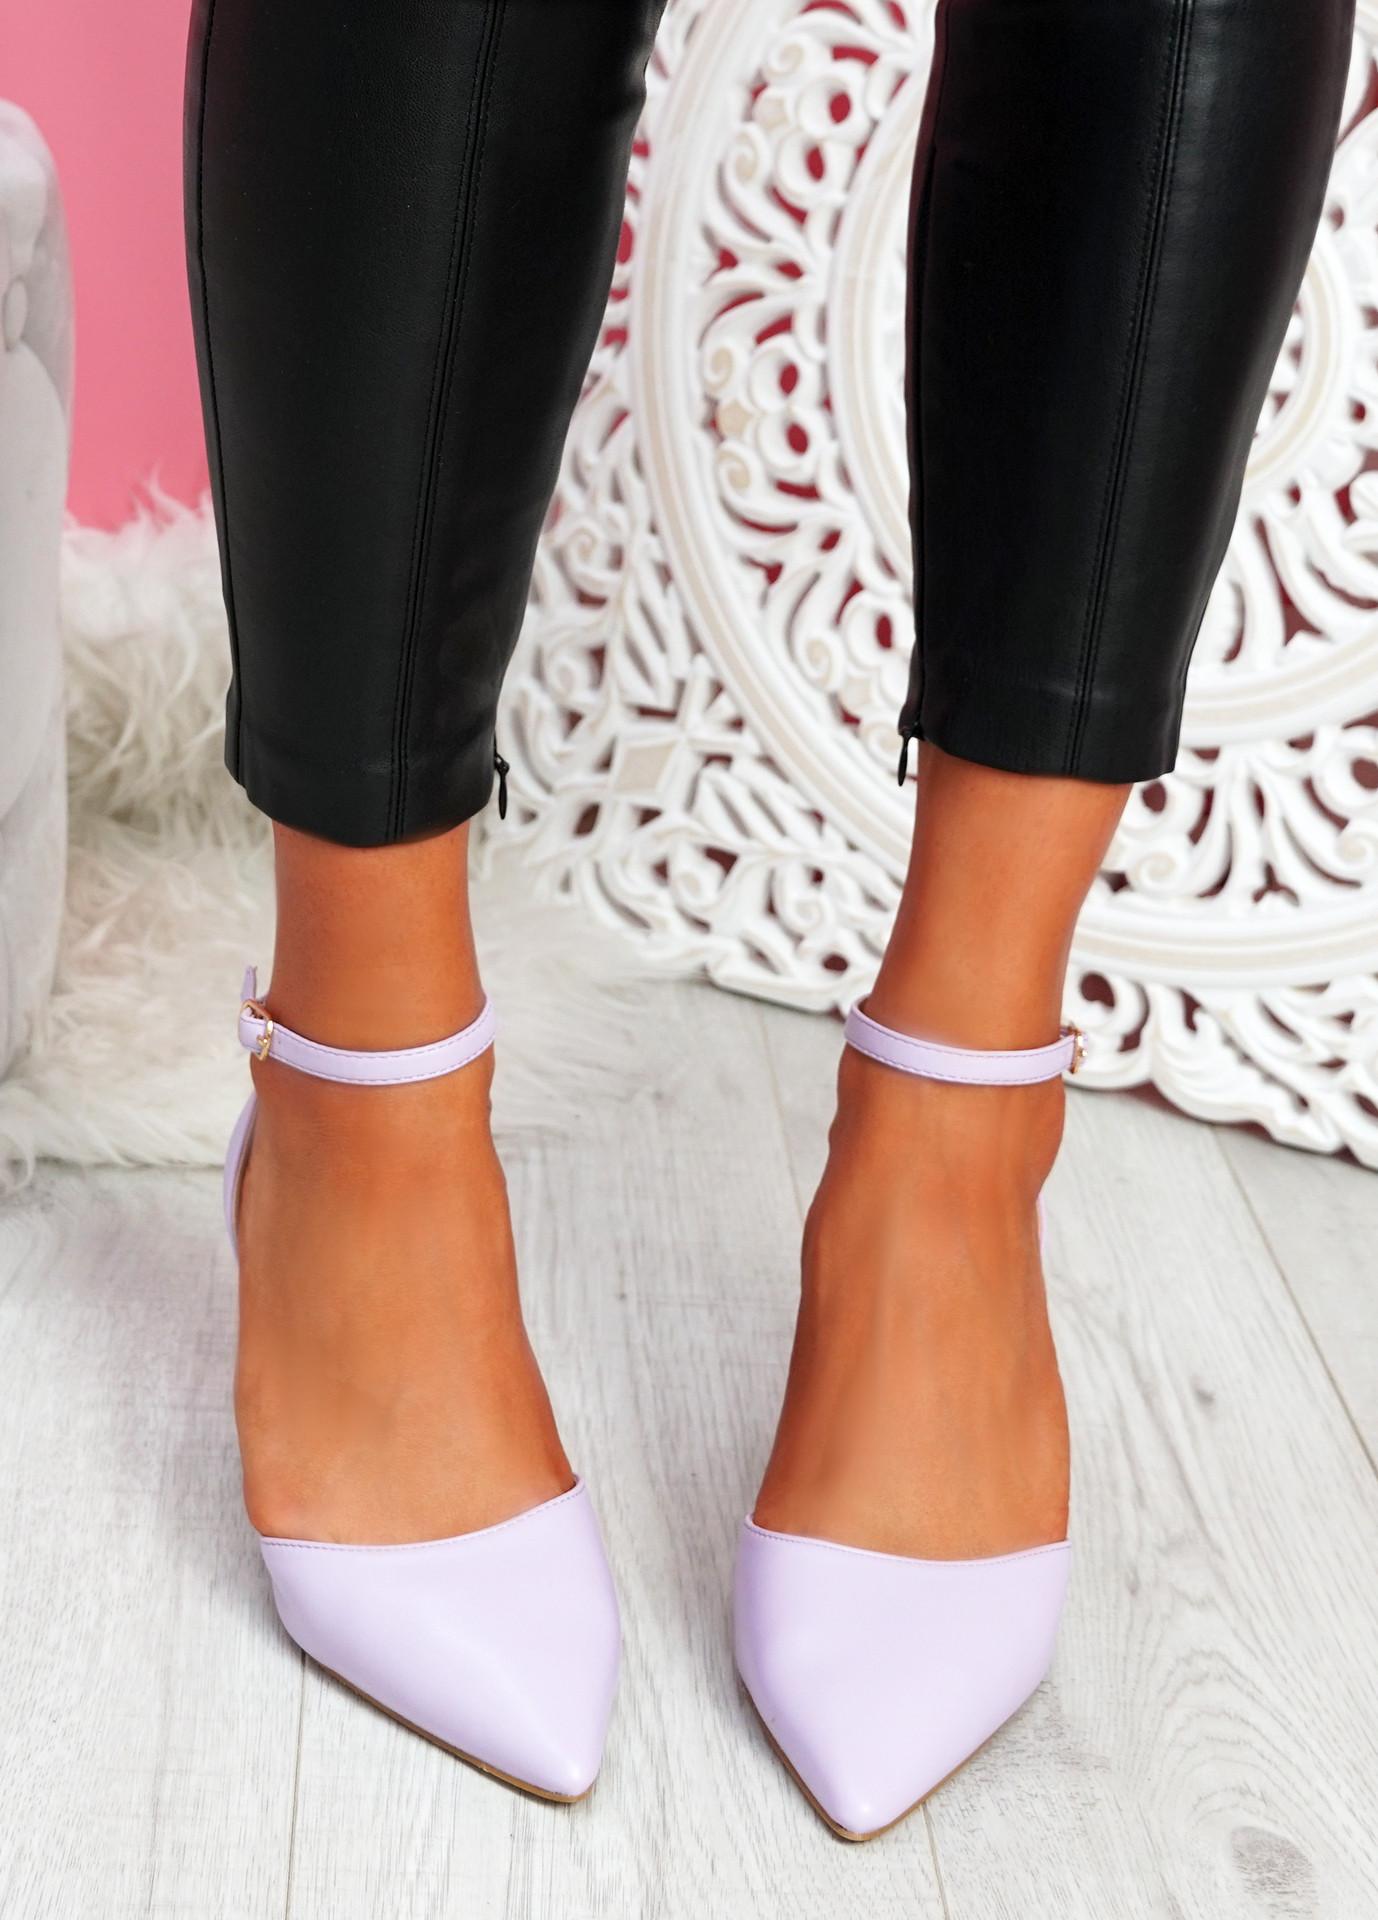 Metto Lilac Block Heel Pumps